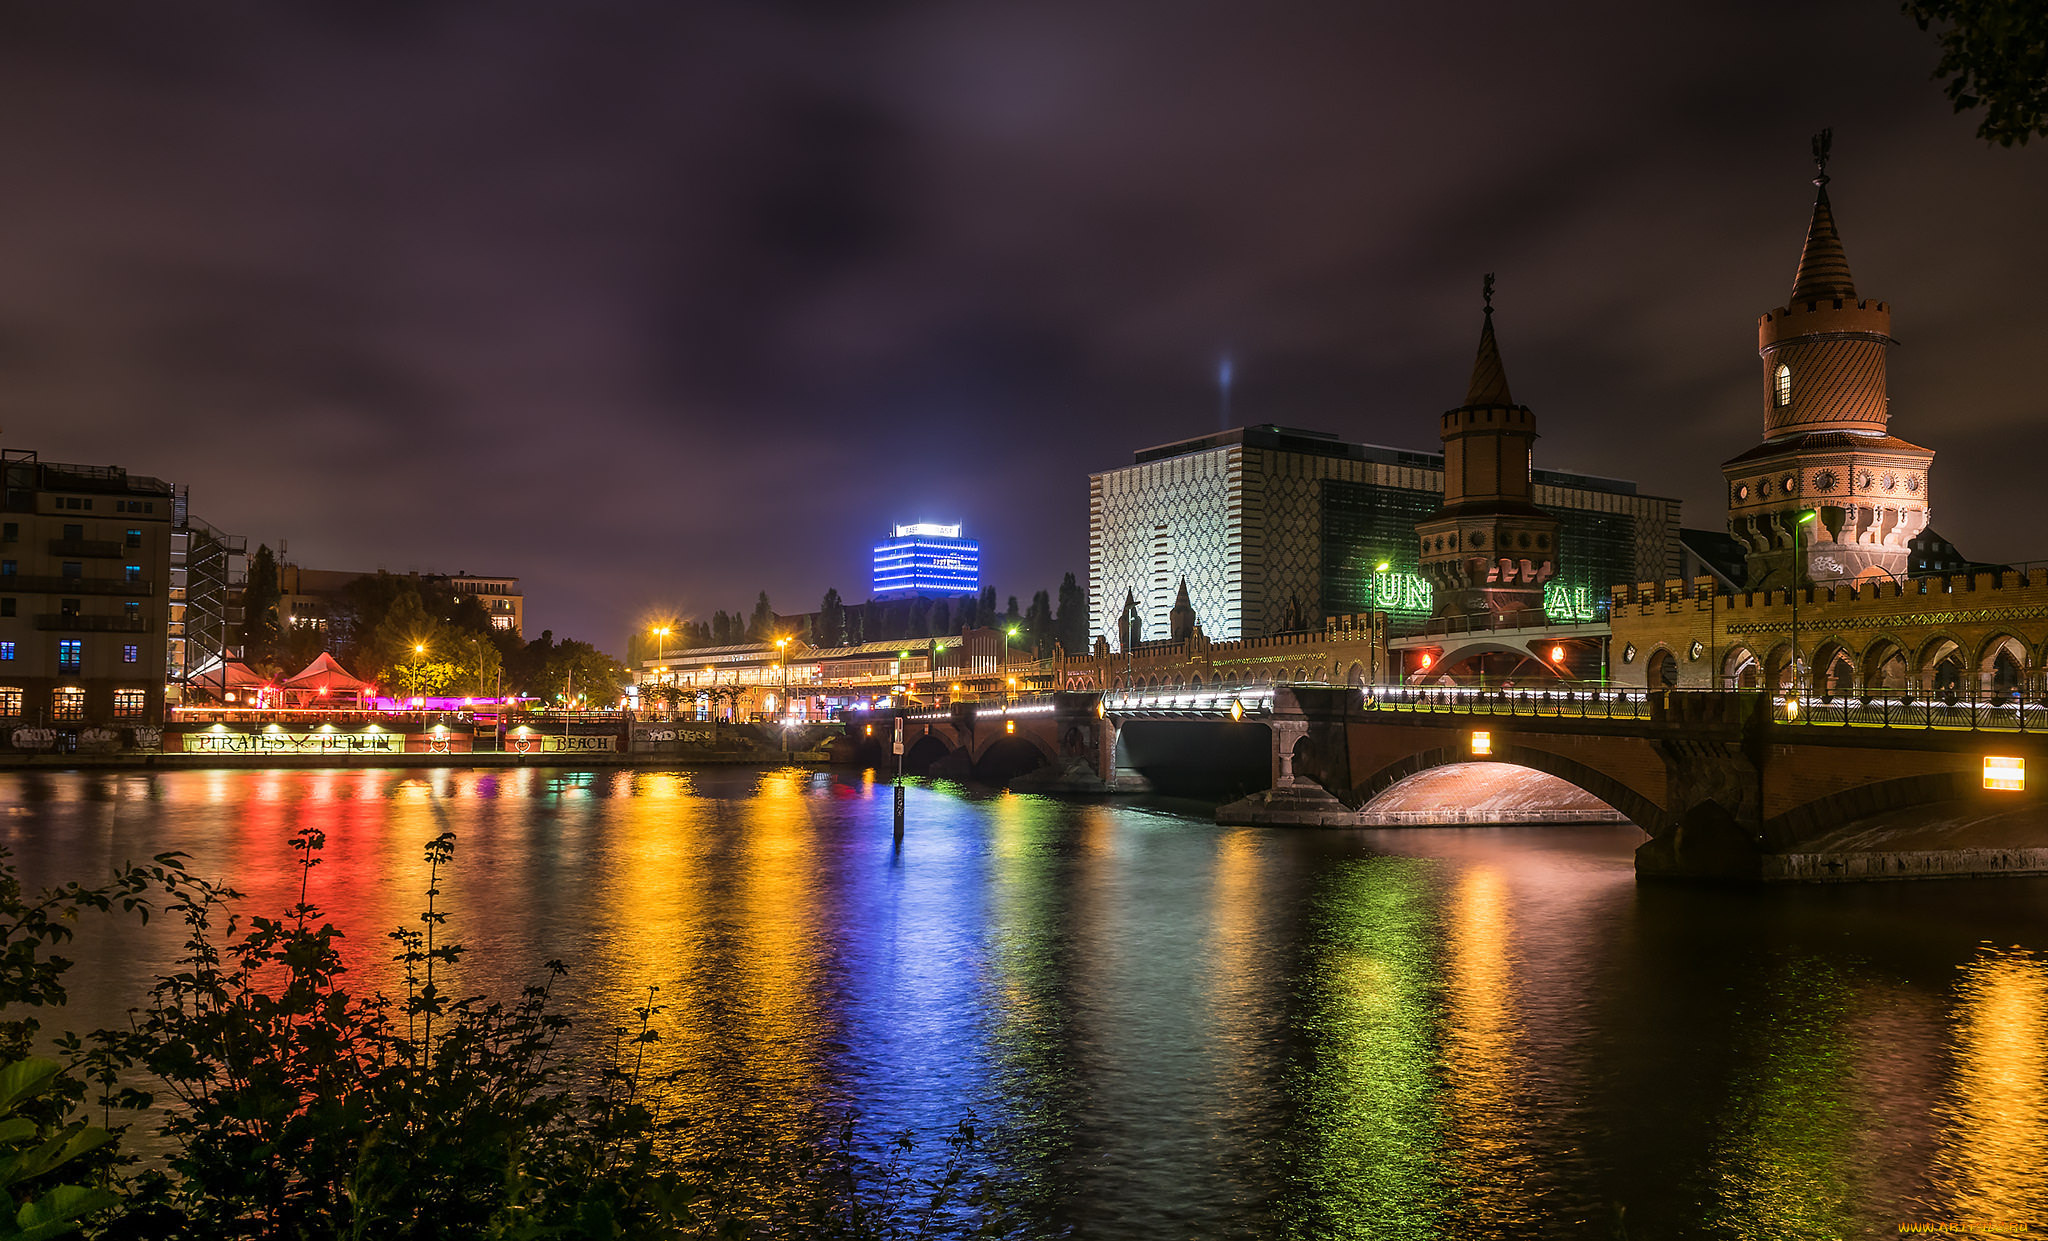 картинки про немецкий город берлин интересным кажется снимок